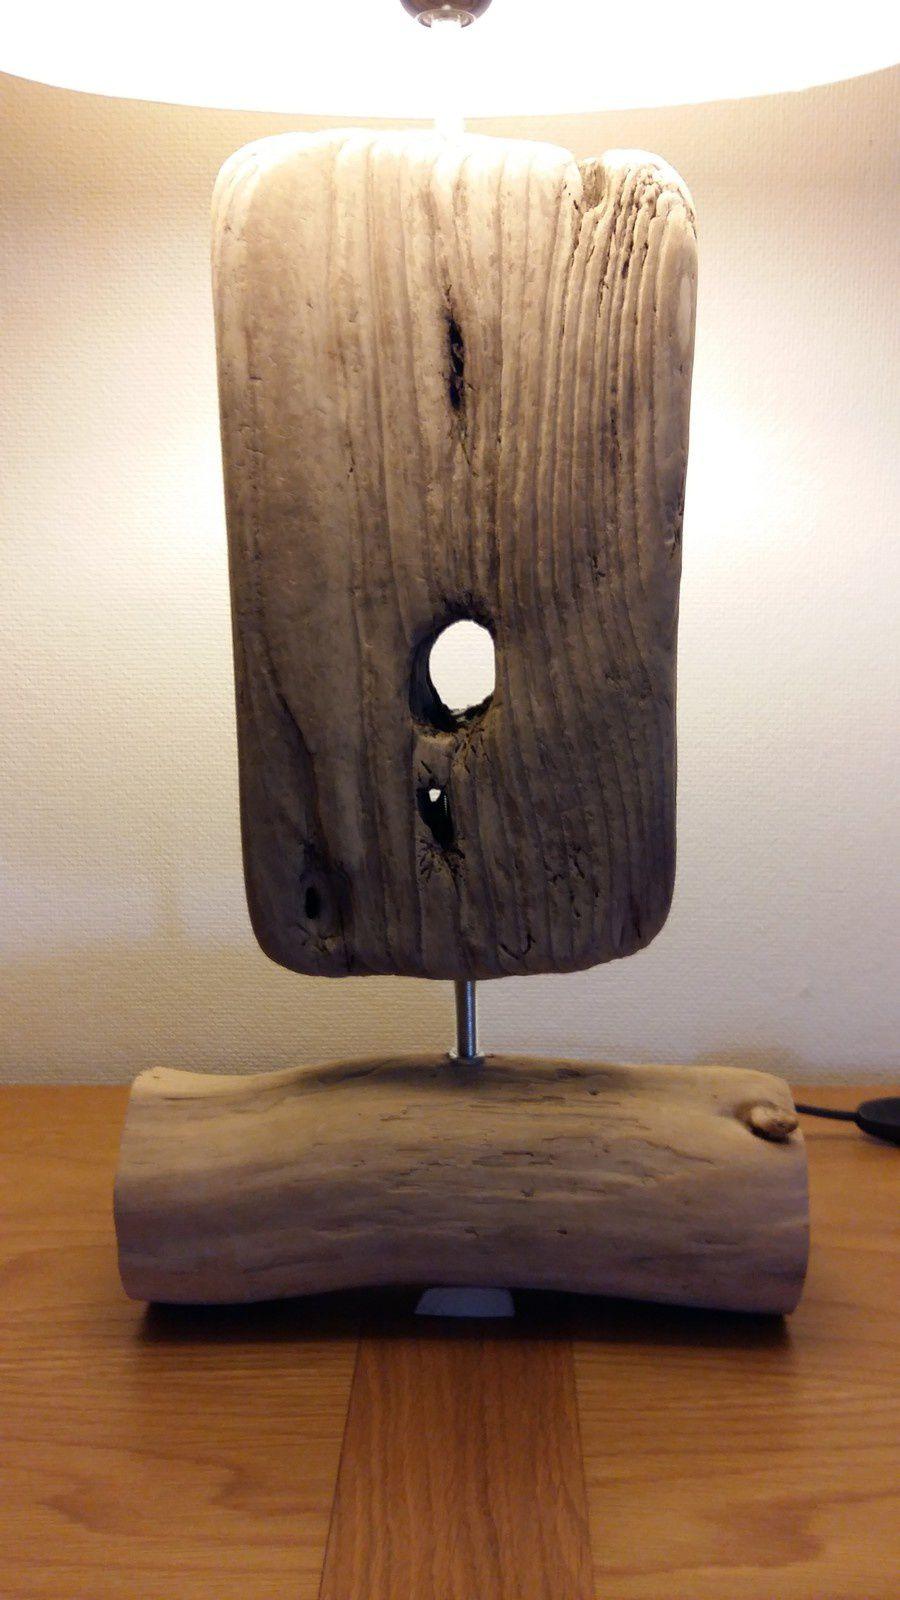 Lampe en bois flotté &quot&#x3B;magique&quot&#x3B; !!!